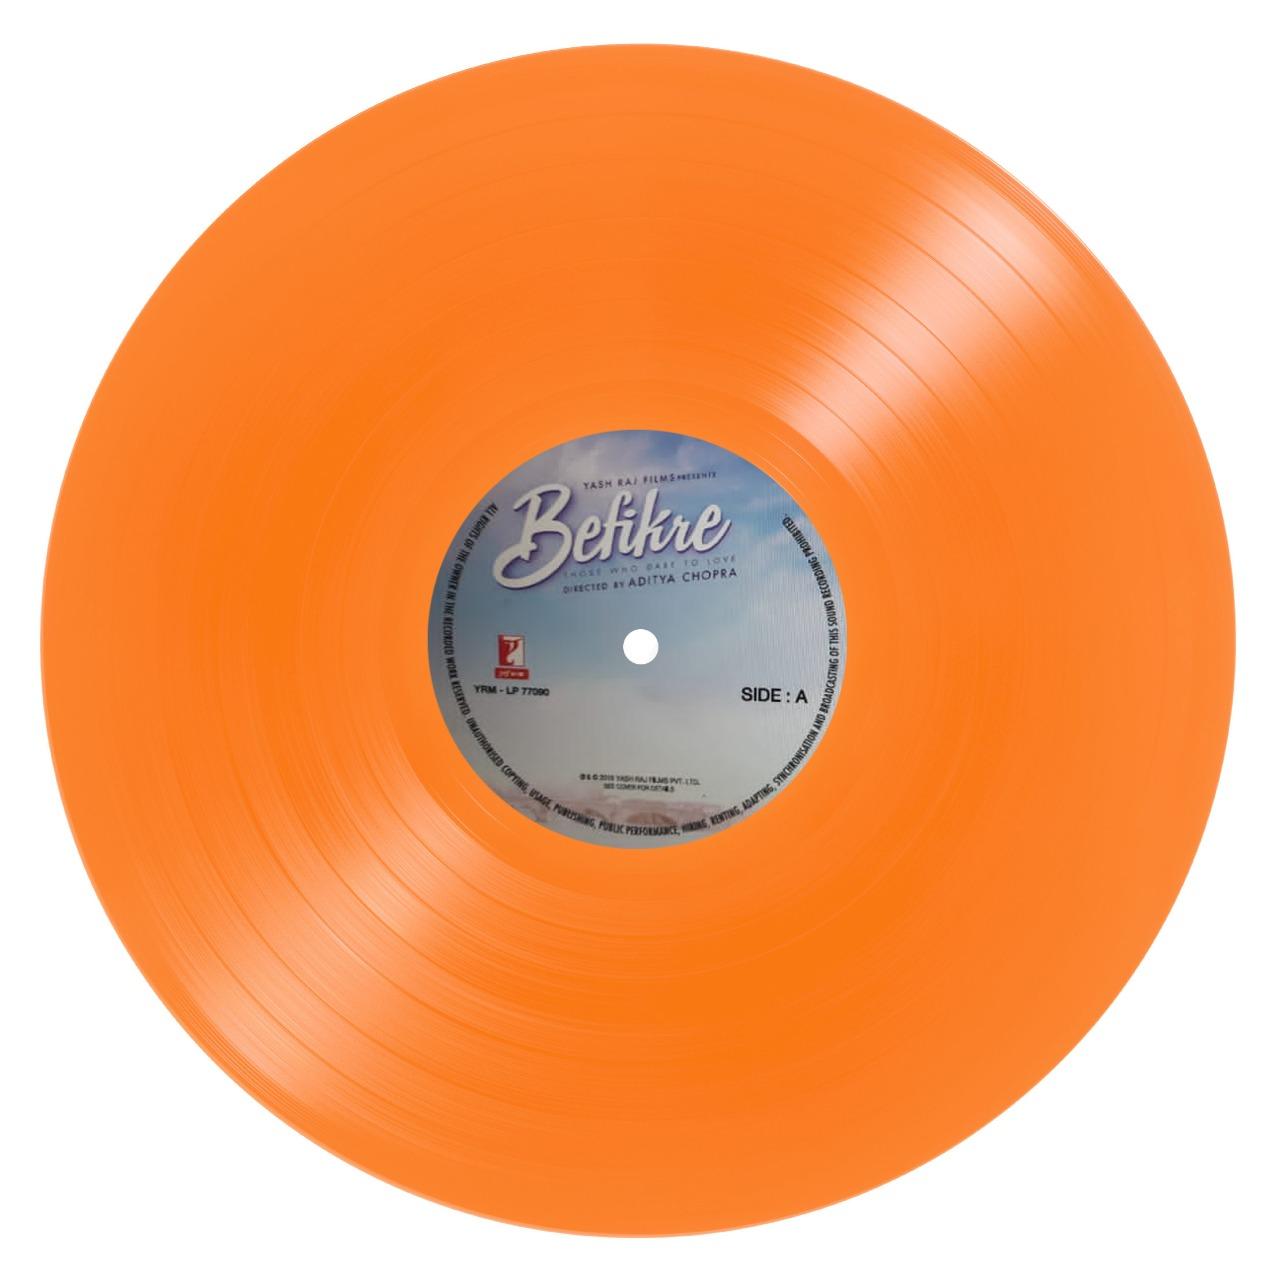 Befikre – YRM LP 77090 - Orange Coloured - LP Record - IN STOCK